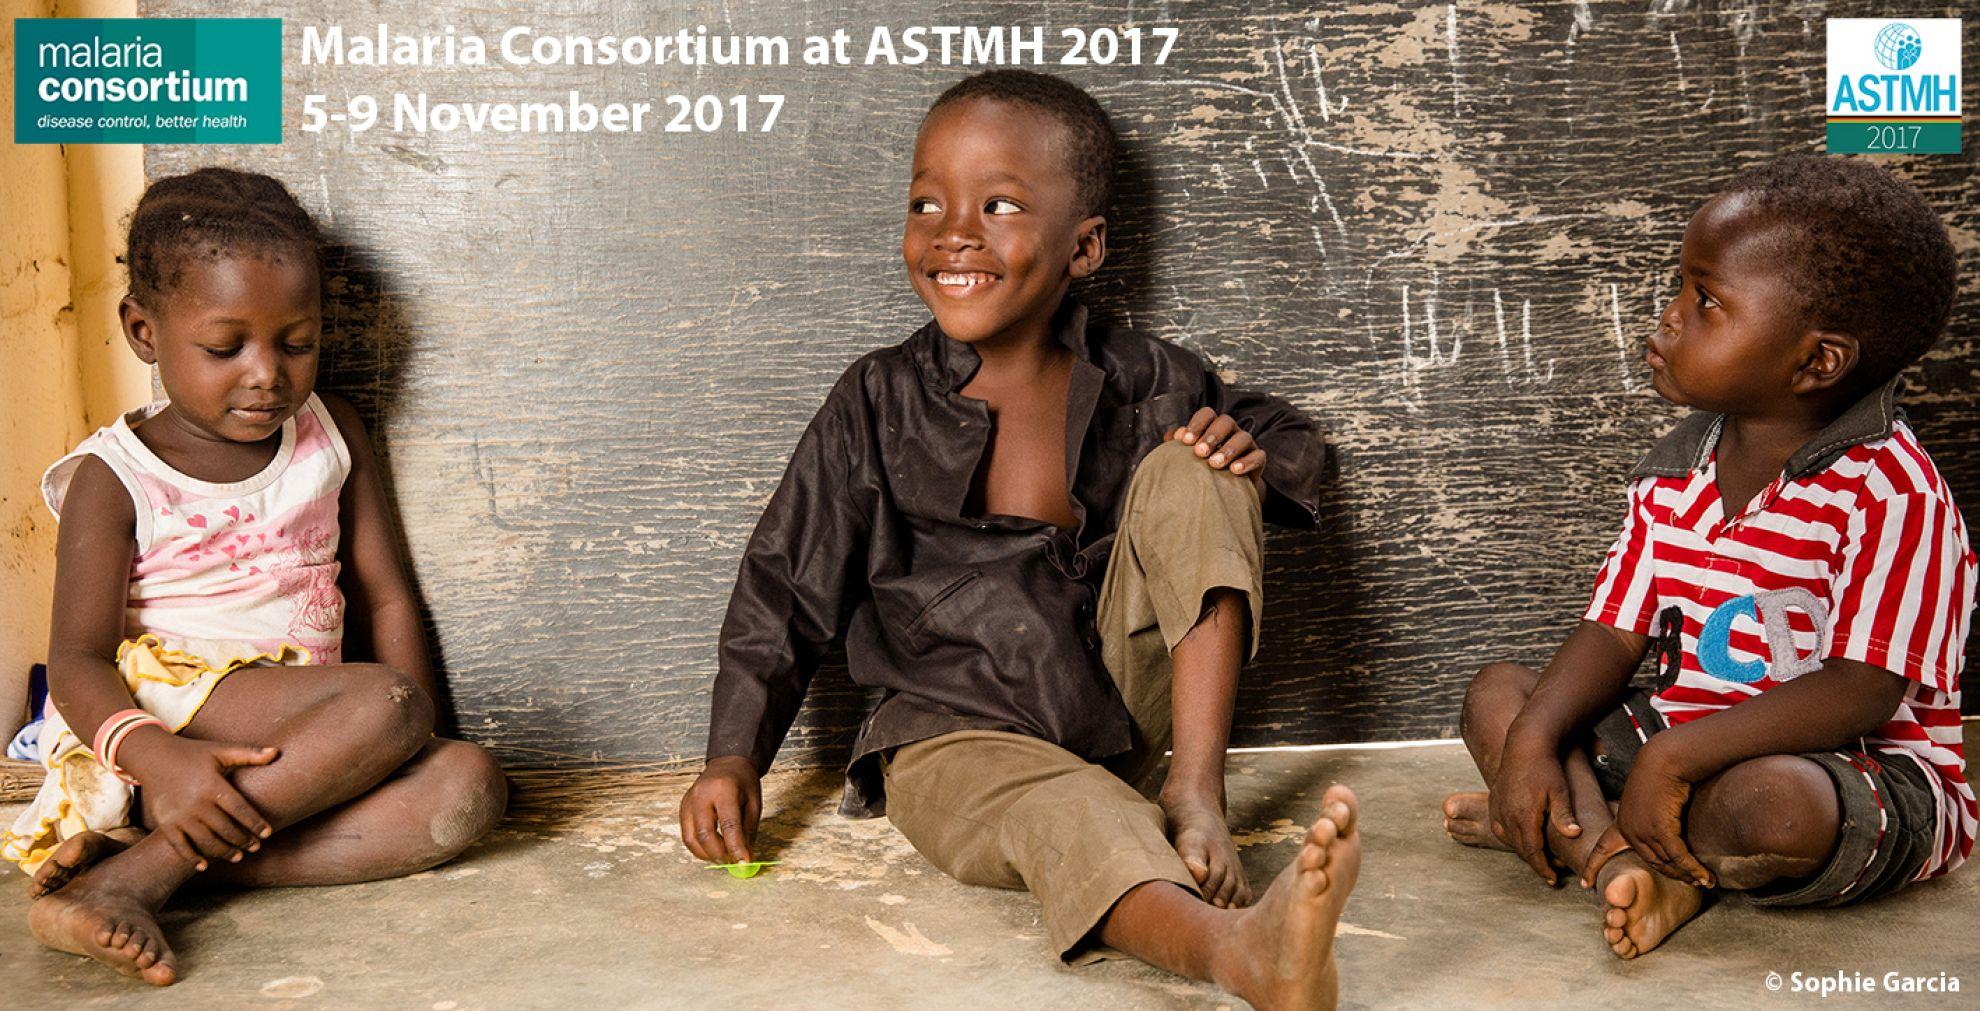 Latest News Malaria consortium at astmh 2017